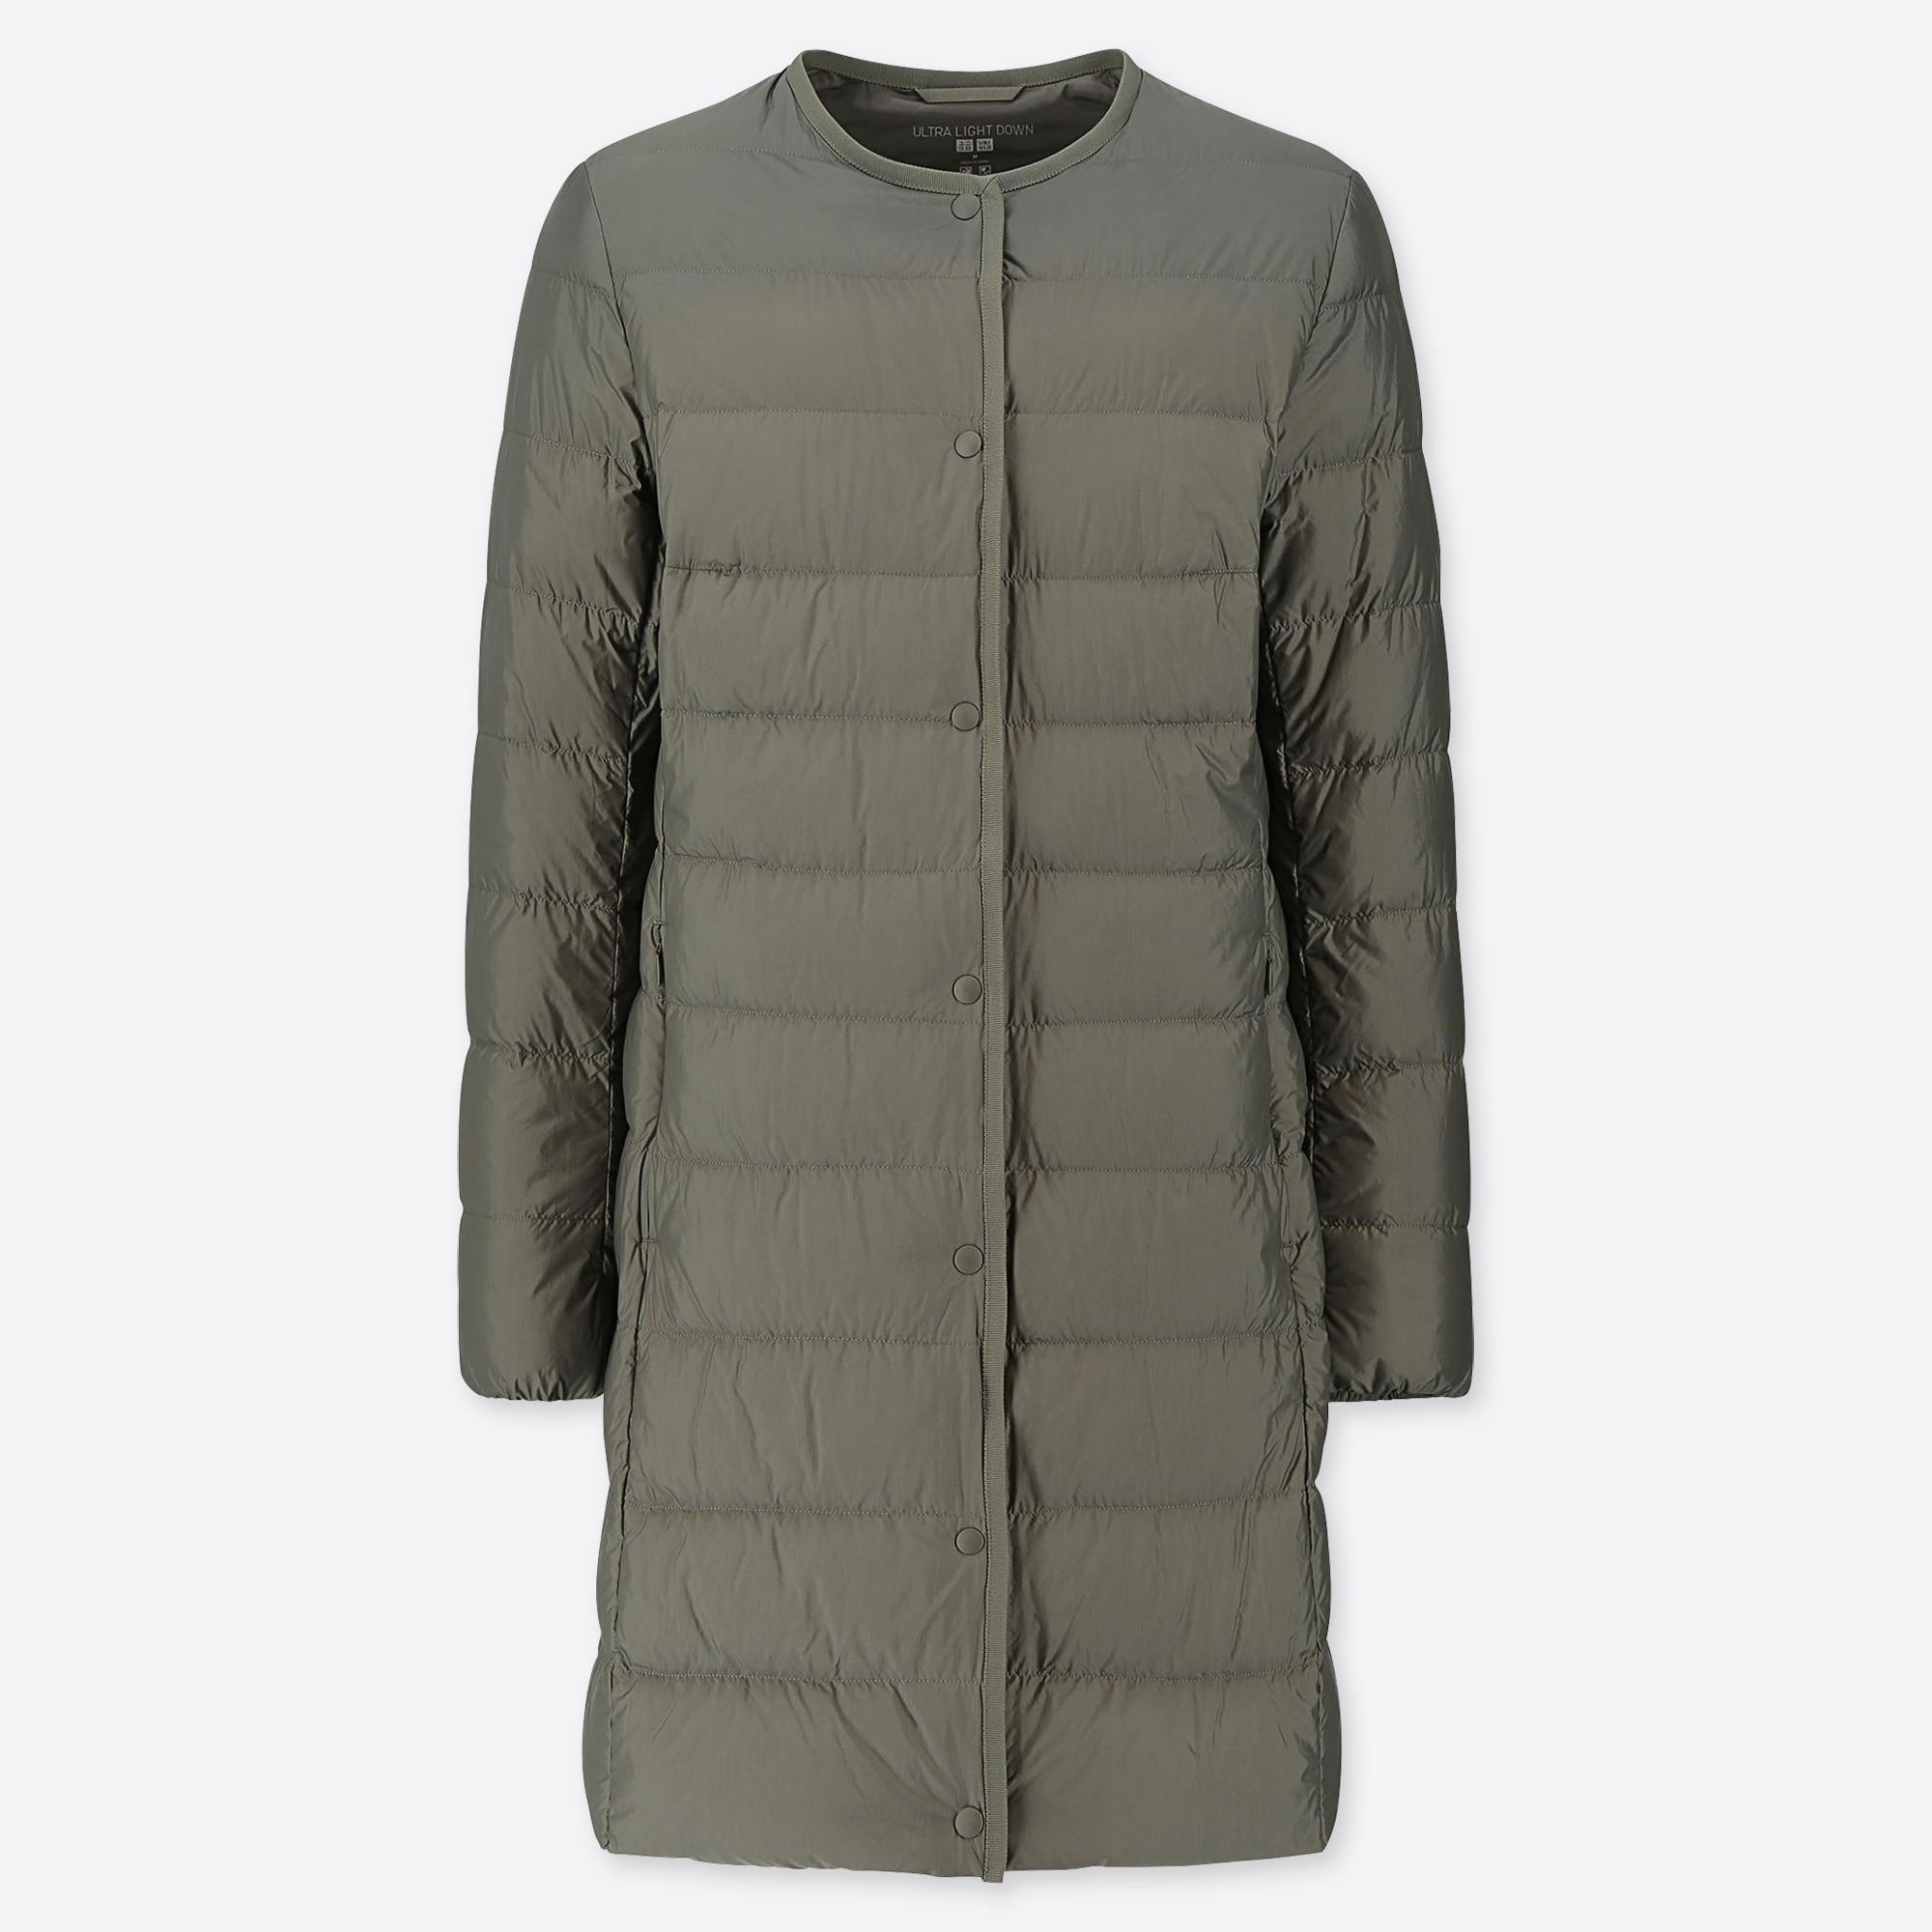 חדש! מעיל נשים Uniqlo ארוך כפתורים